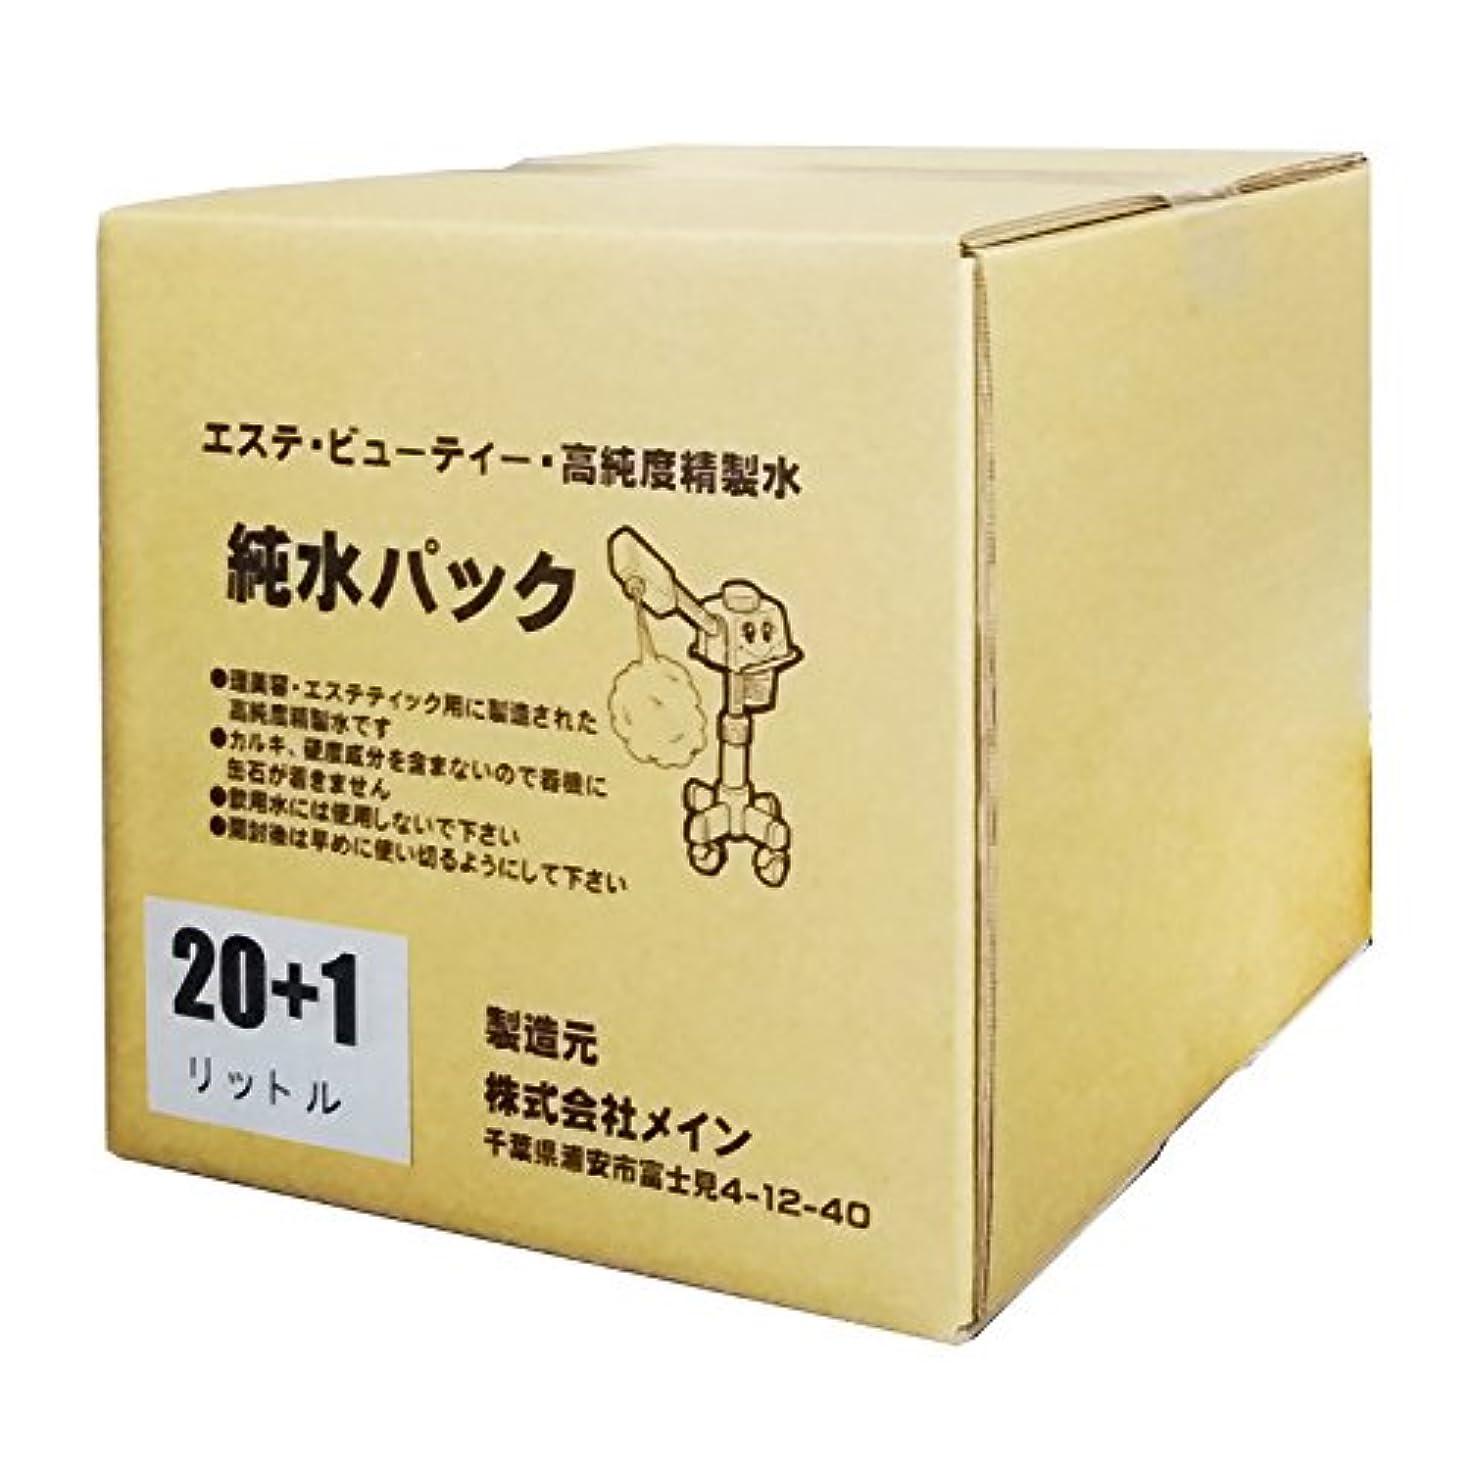 蓄積する放出お手伝いさん増量中 21L 高純度 精製水 20 L + 1L 純水パック コック付 日本製 エステ スチーマー (1個) オートクレーブ 滅菌器